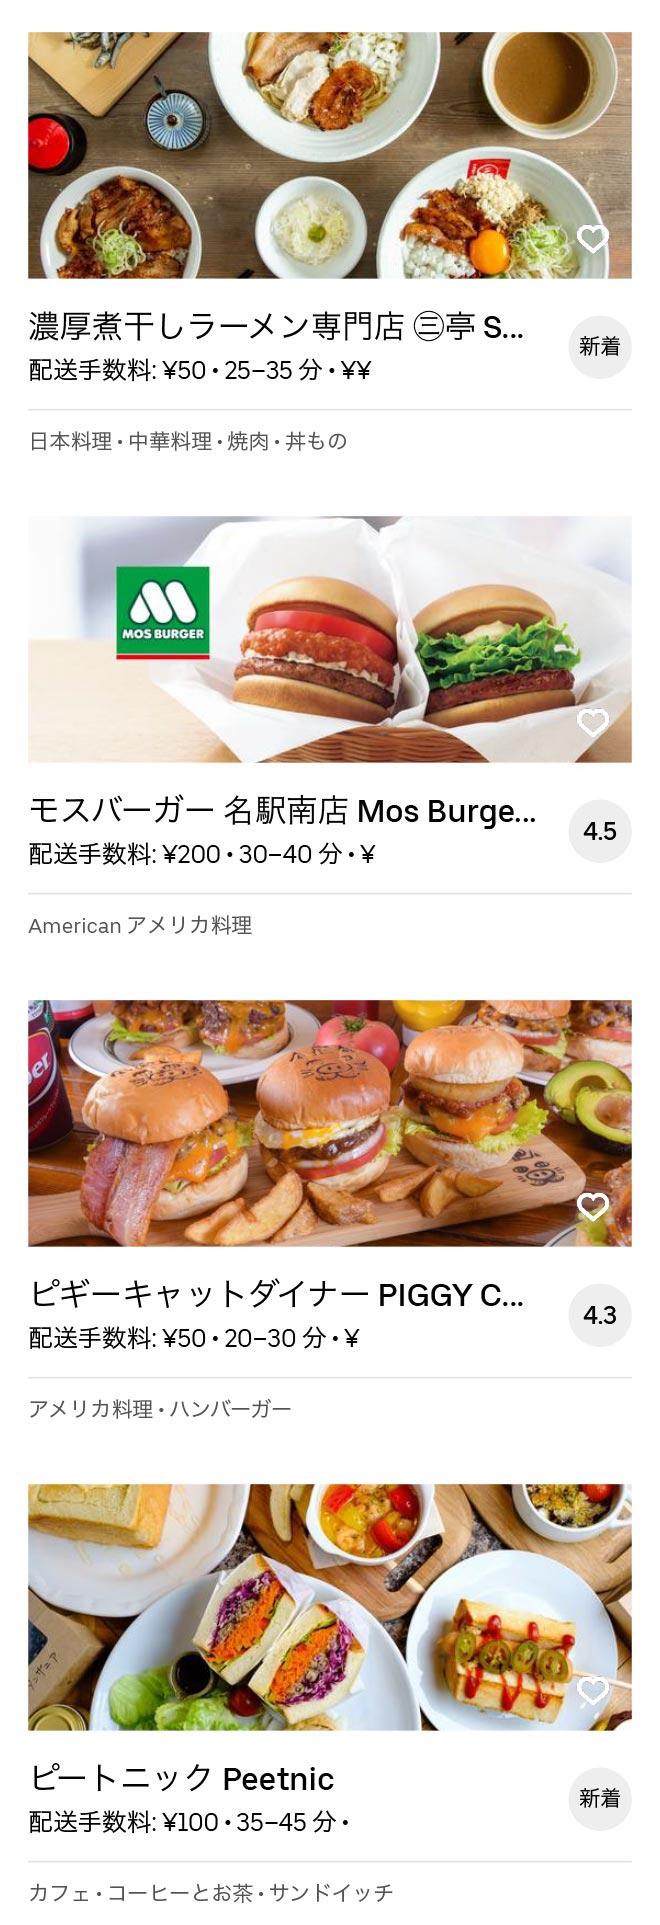 Nagoya sakae menu 2005 05